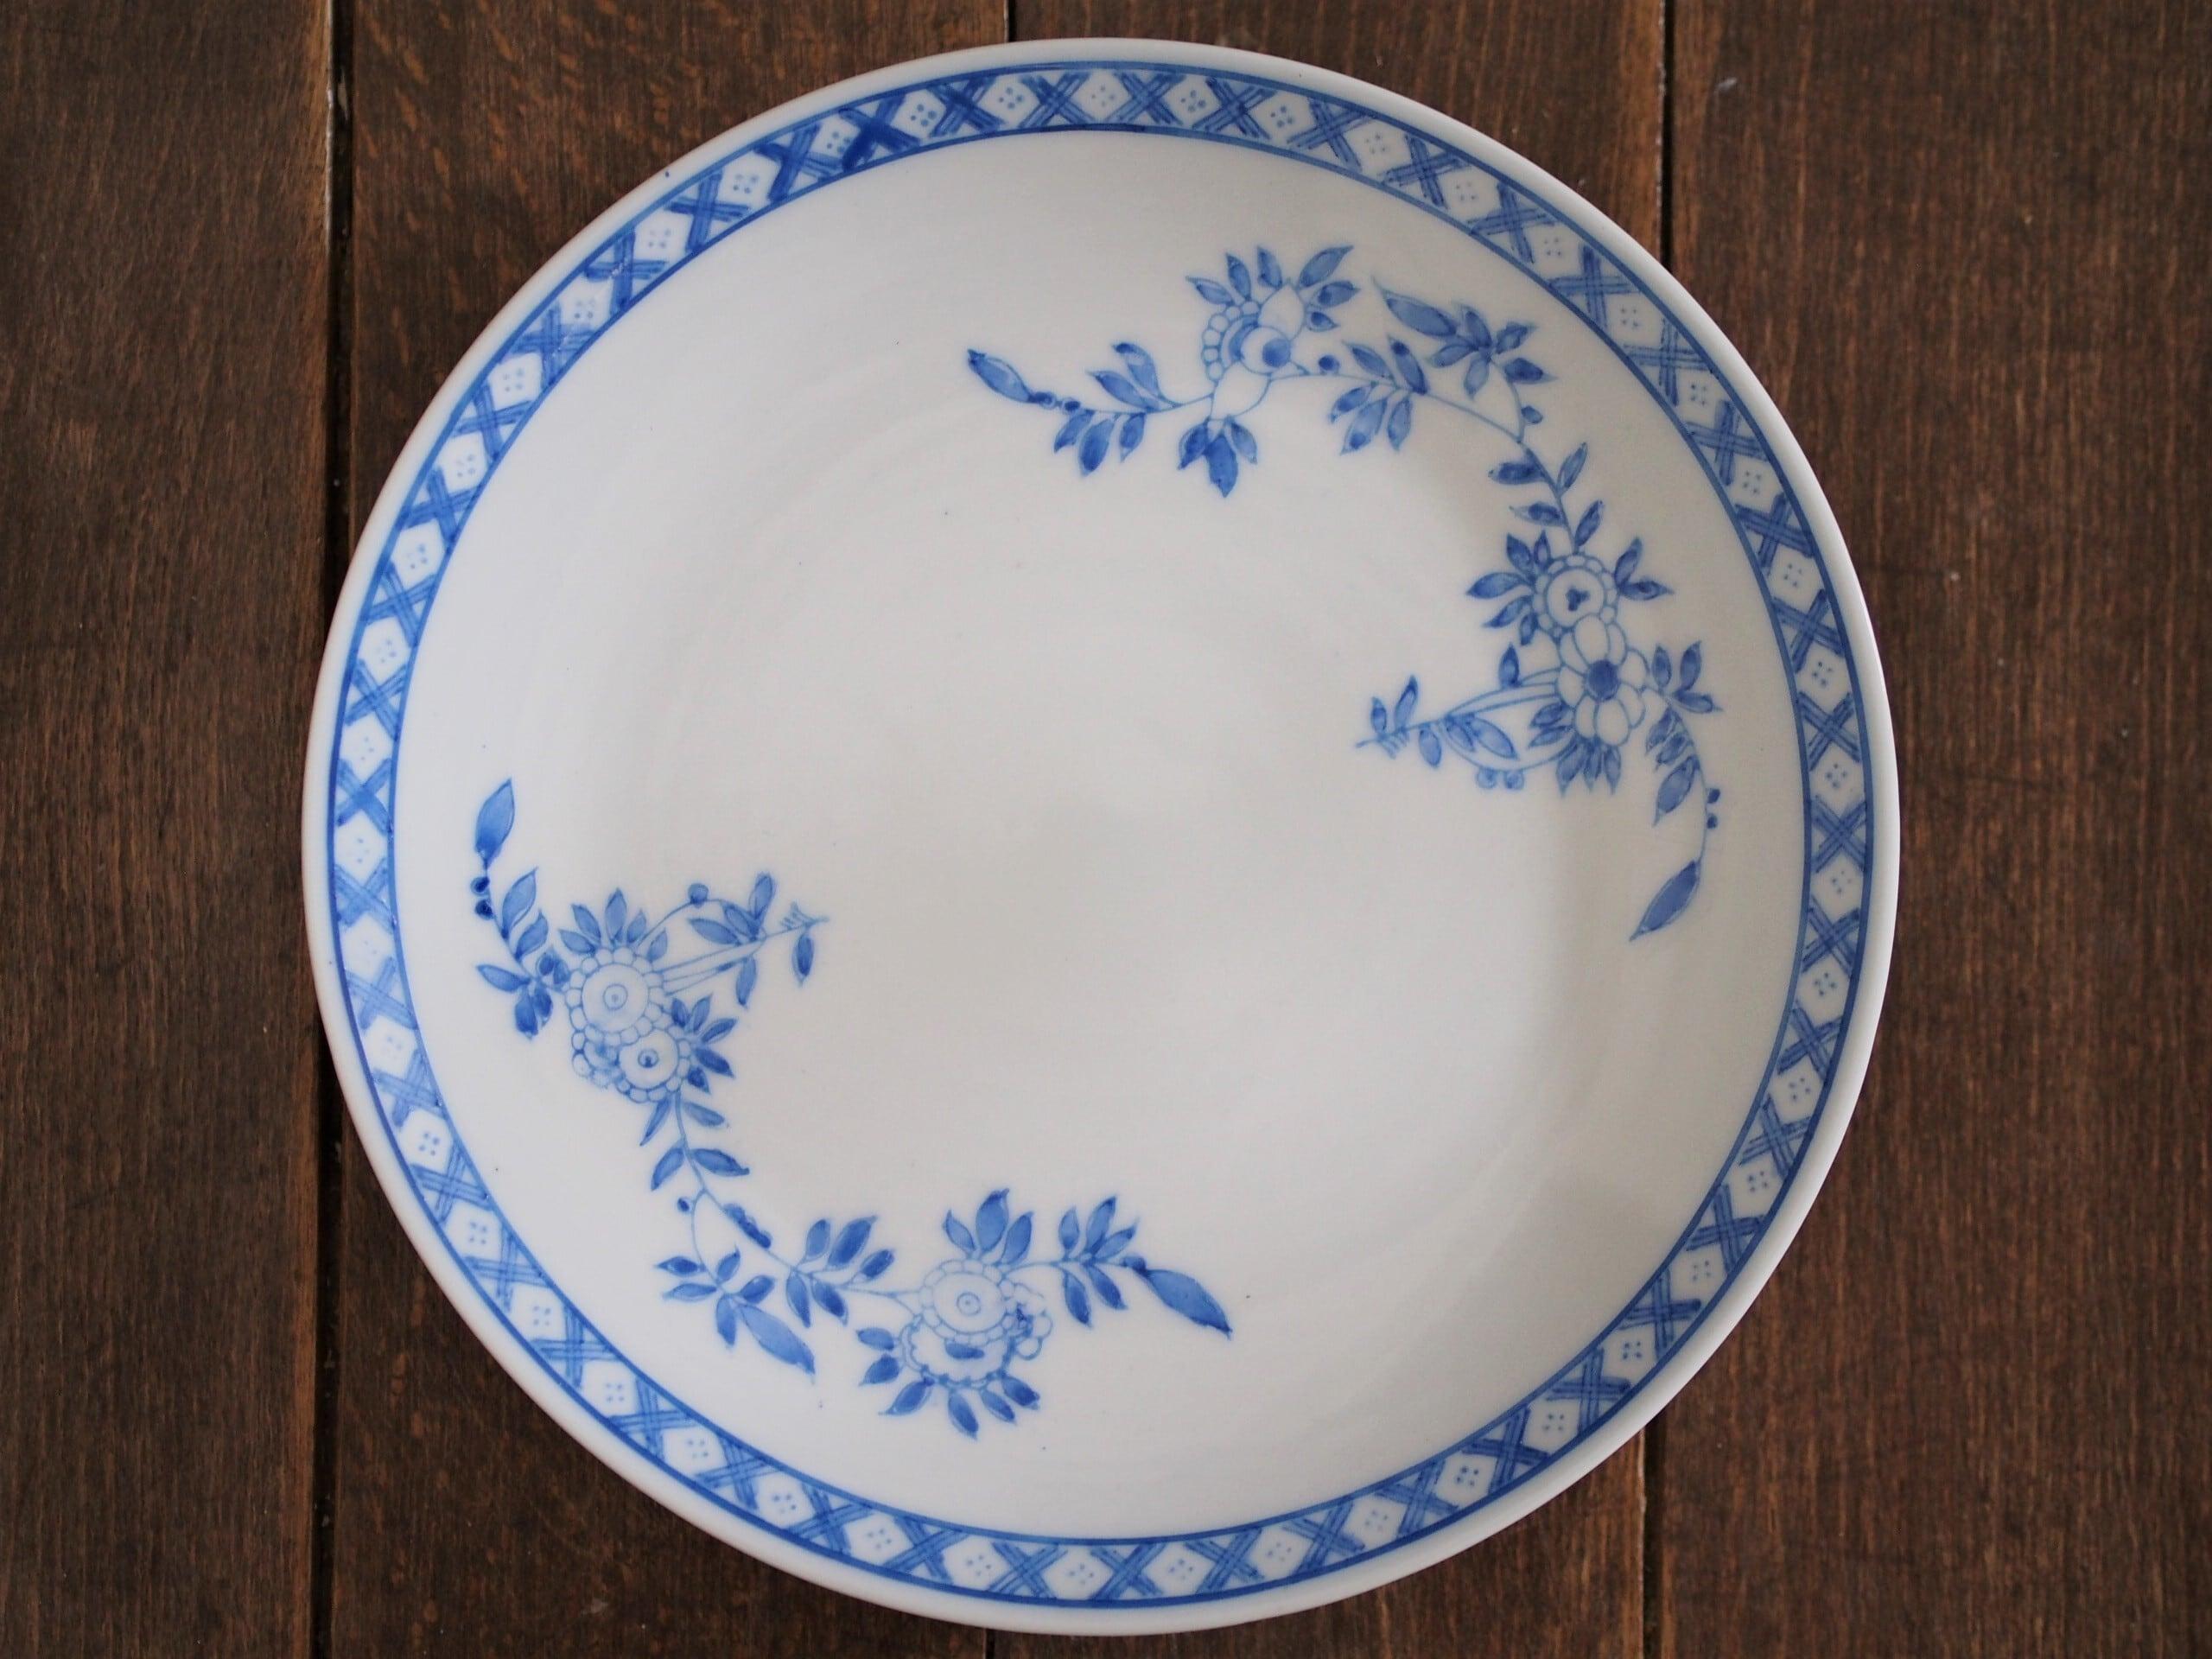 『ブルーの丸皿18センチ/Oriental flower』【ペニンシュラ食器/ブルークレスト】